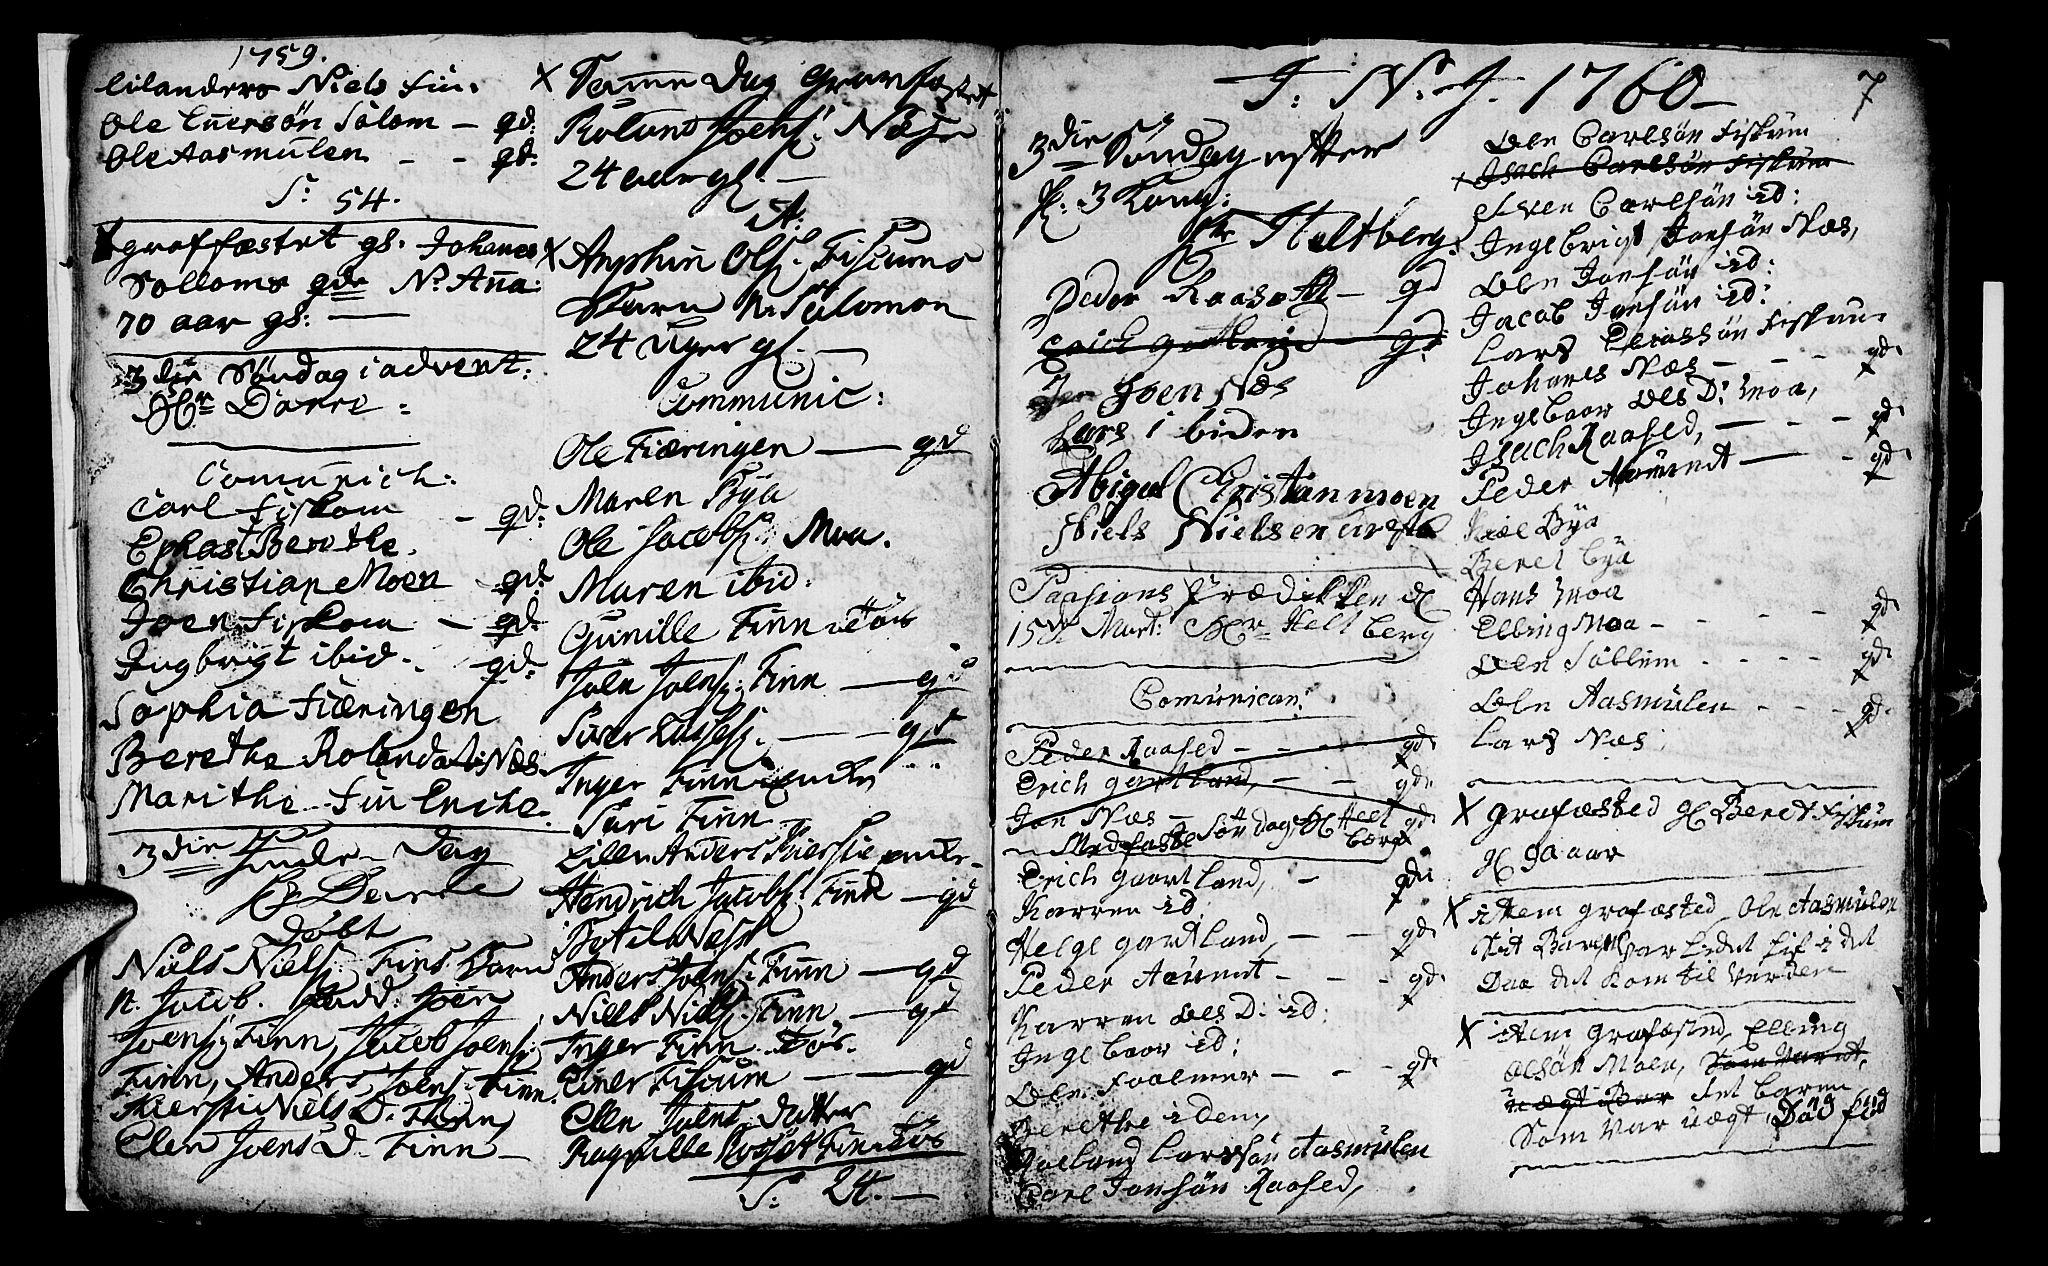 SAT, Ministerialprotokoller, klokkerbøker og fødselsregistre - Nord-Trøndelag, 759/L0526: Ministerialbok nr. 759A02, 1758-1765, s. 7